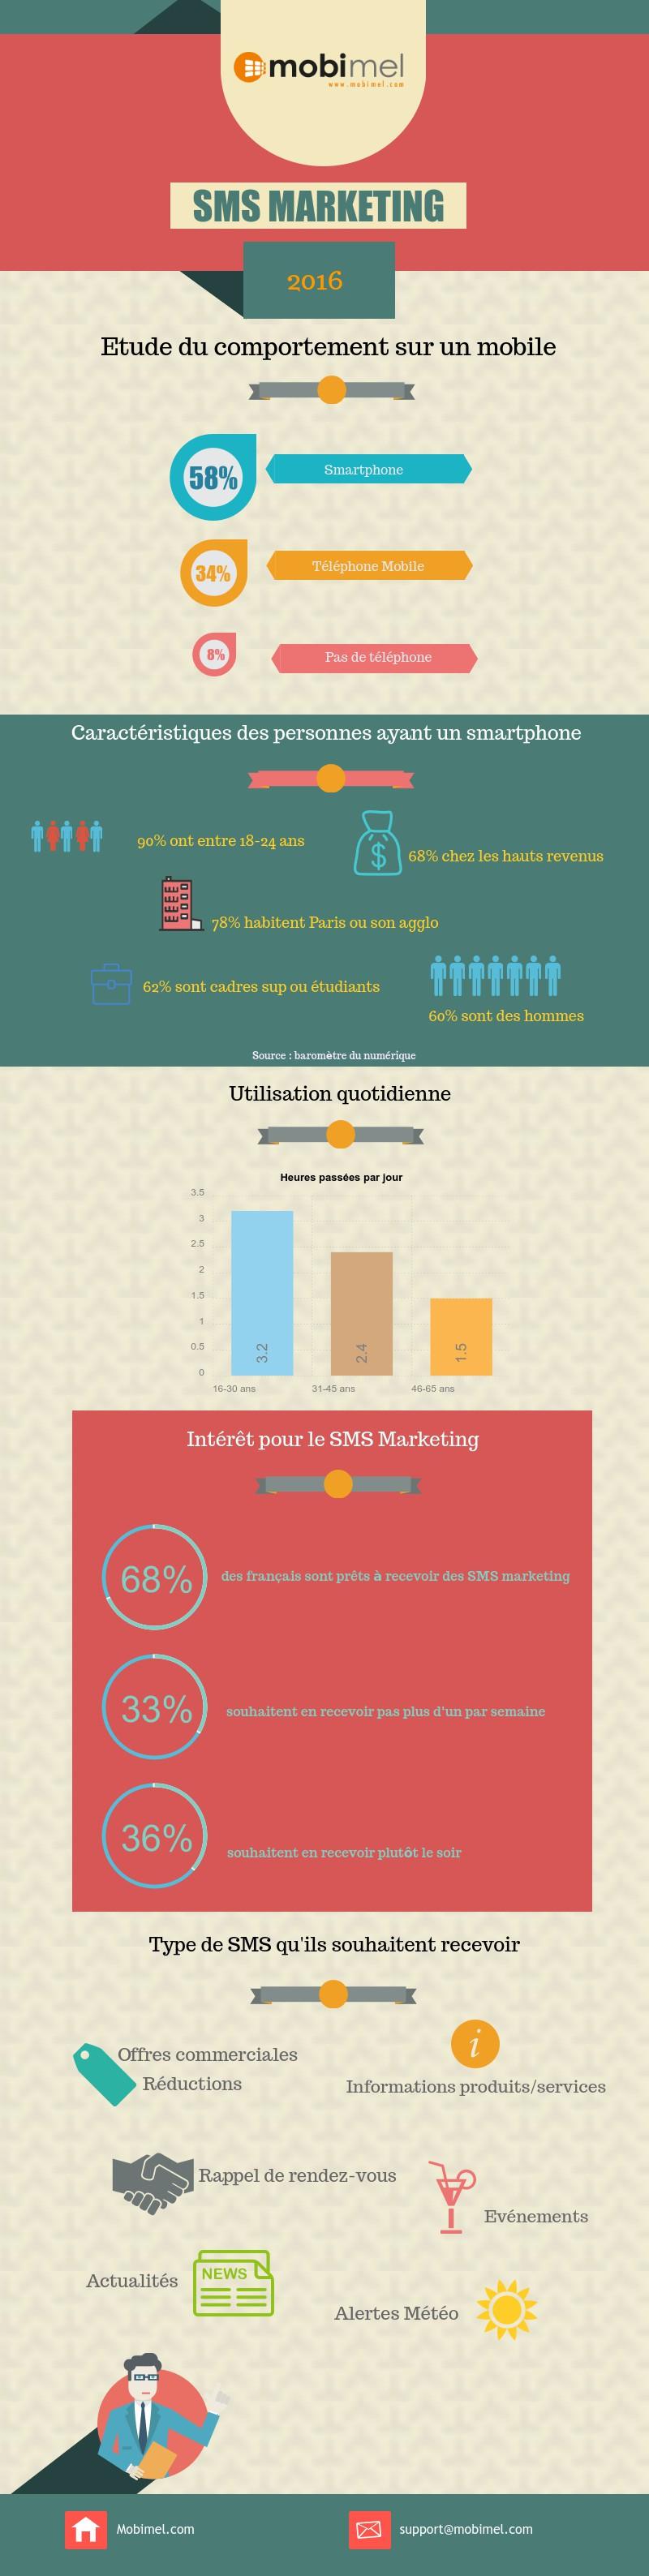 Infographie sur l'utilisation du mobile